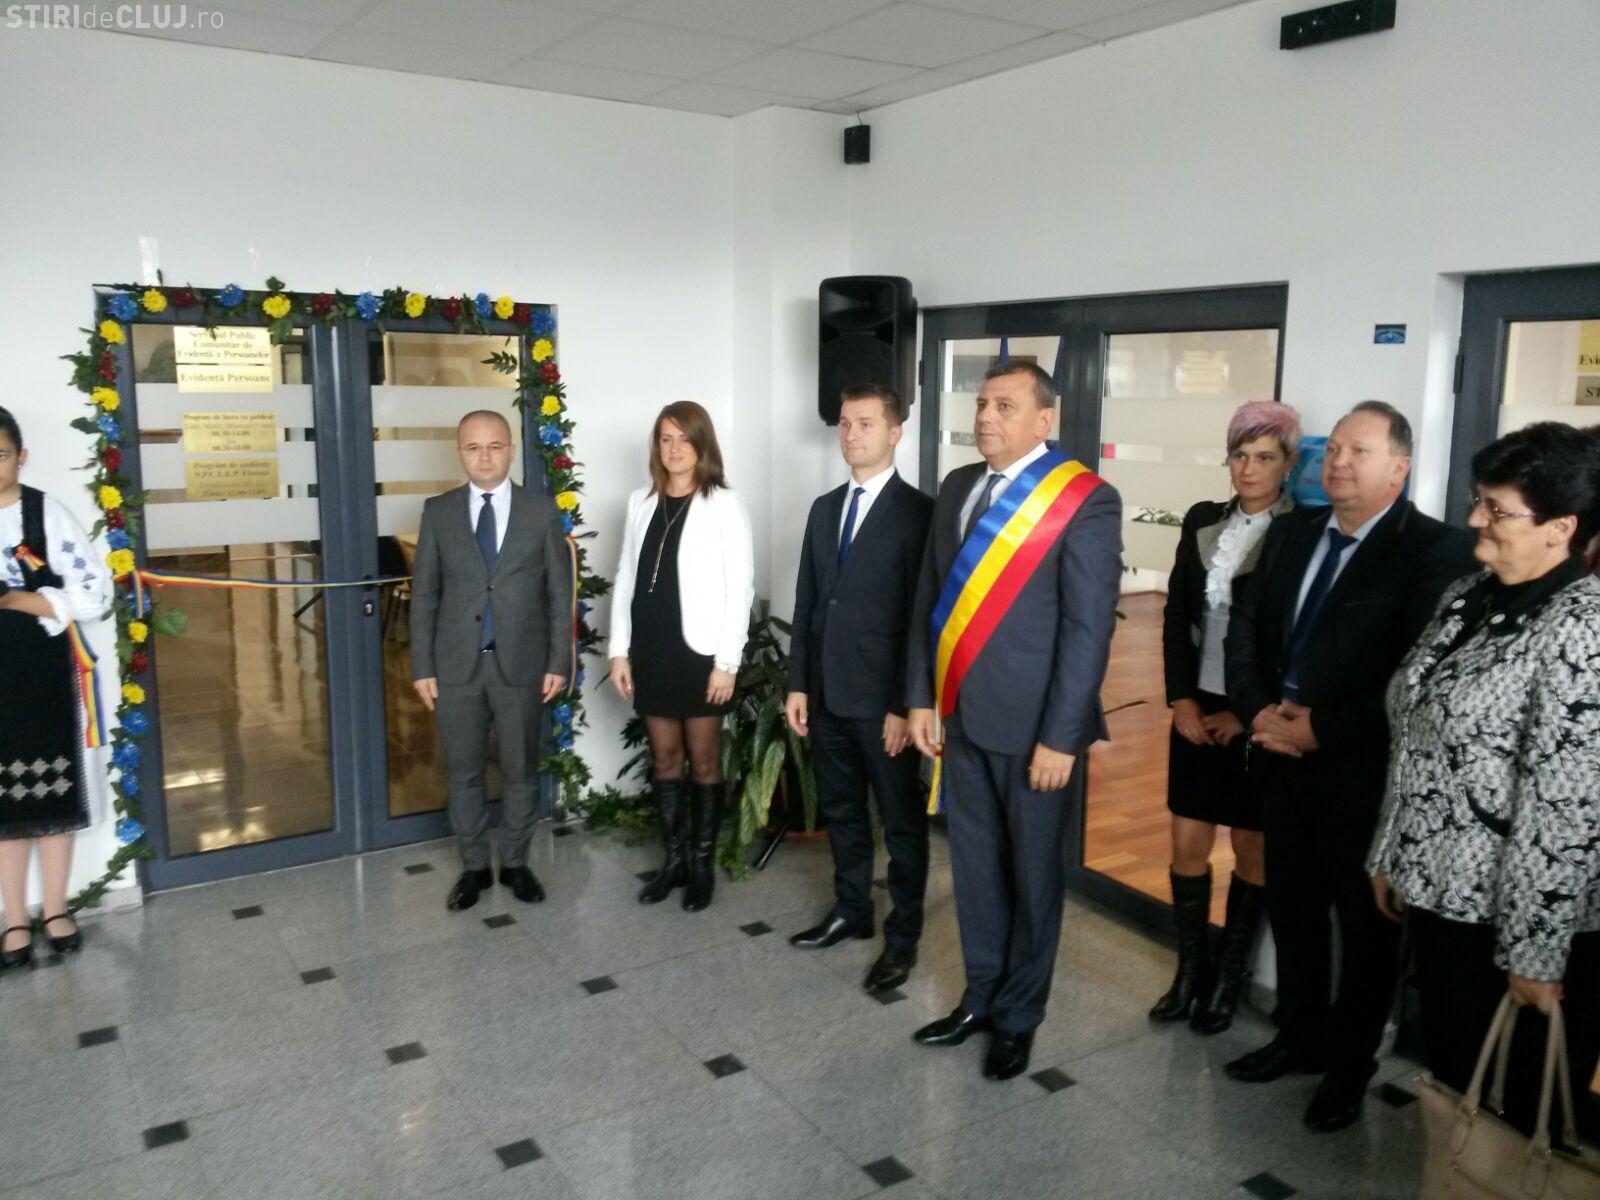 Primăria Florești a inaugurat serviciul de Evidența Populației. Este singura comună din țară cu un astfel de serviciu FOTO